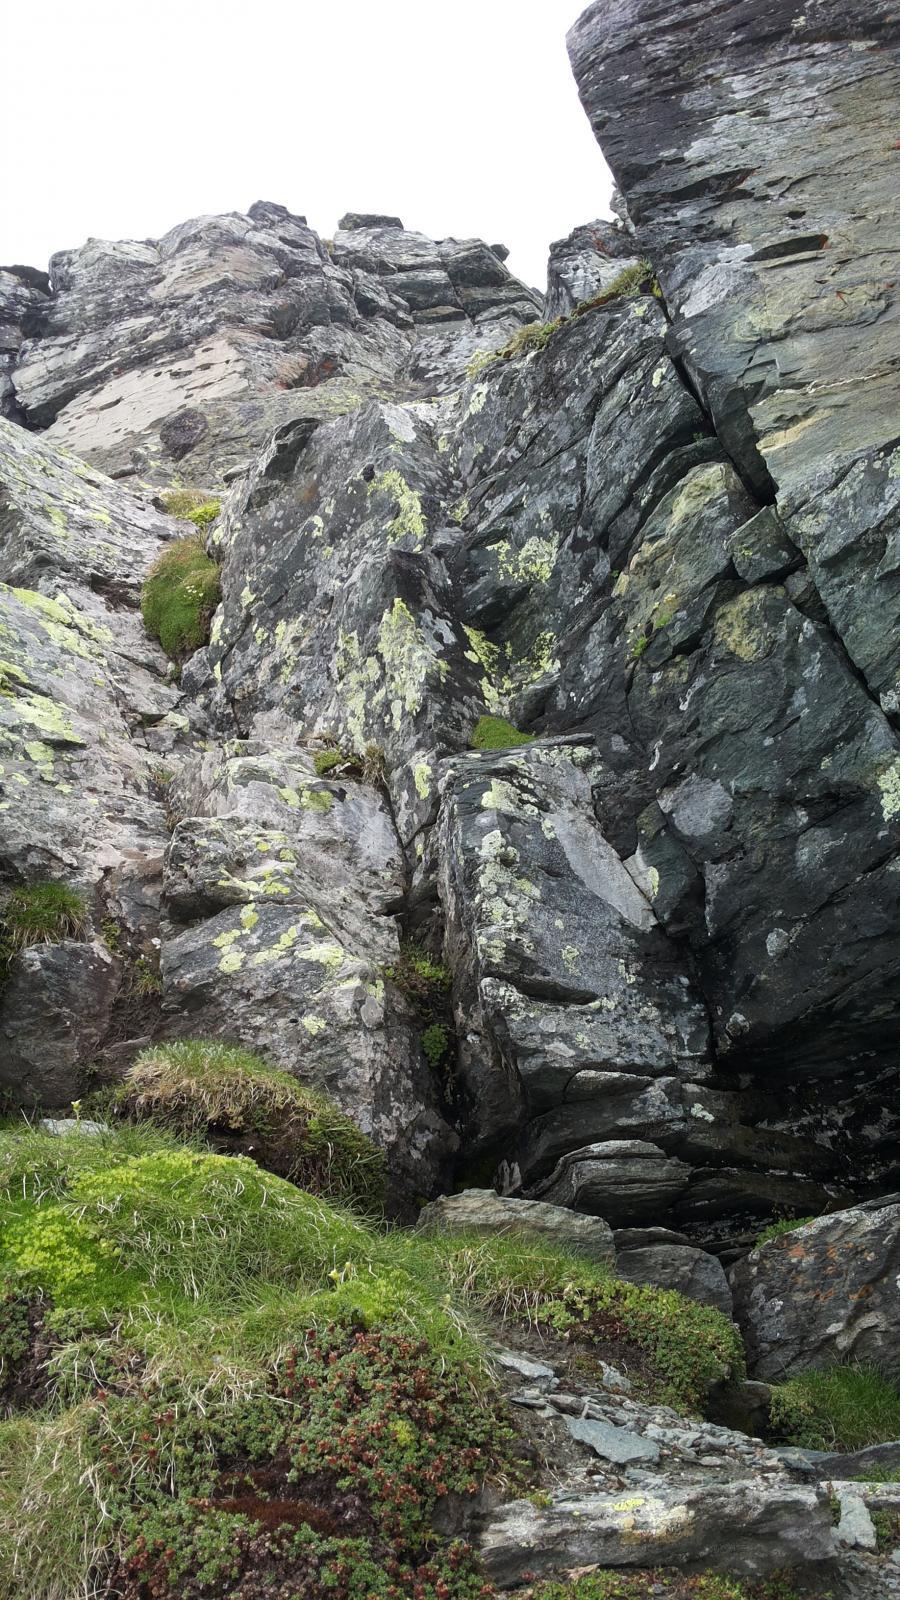 il camino roccioso prima della vetta